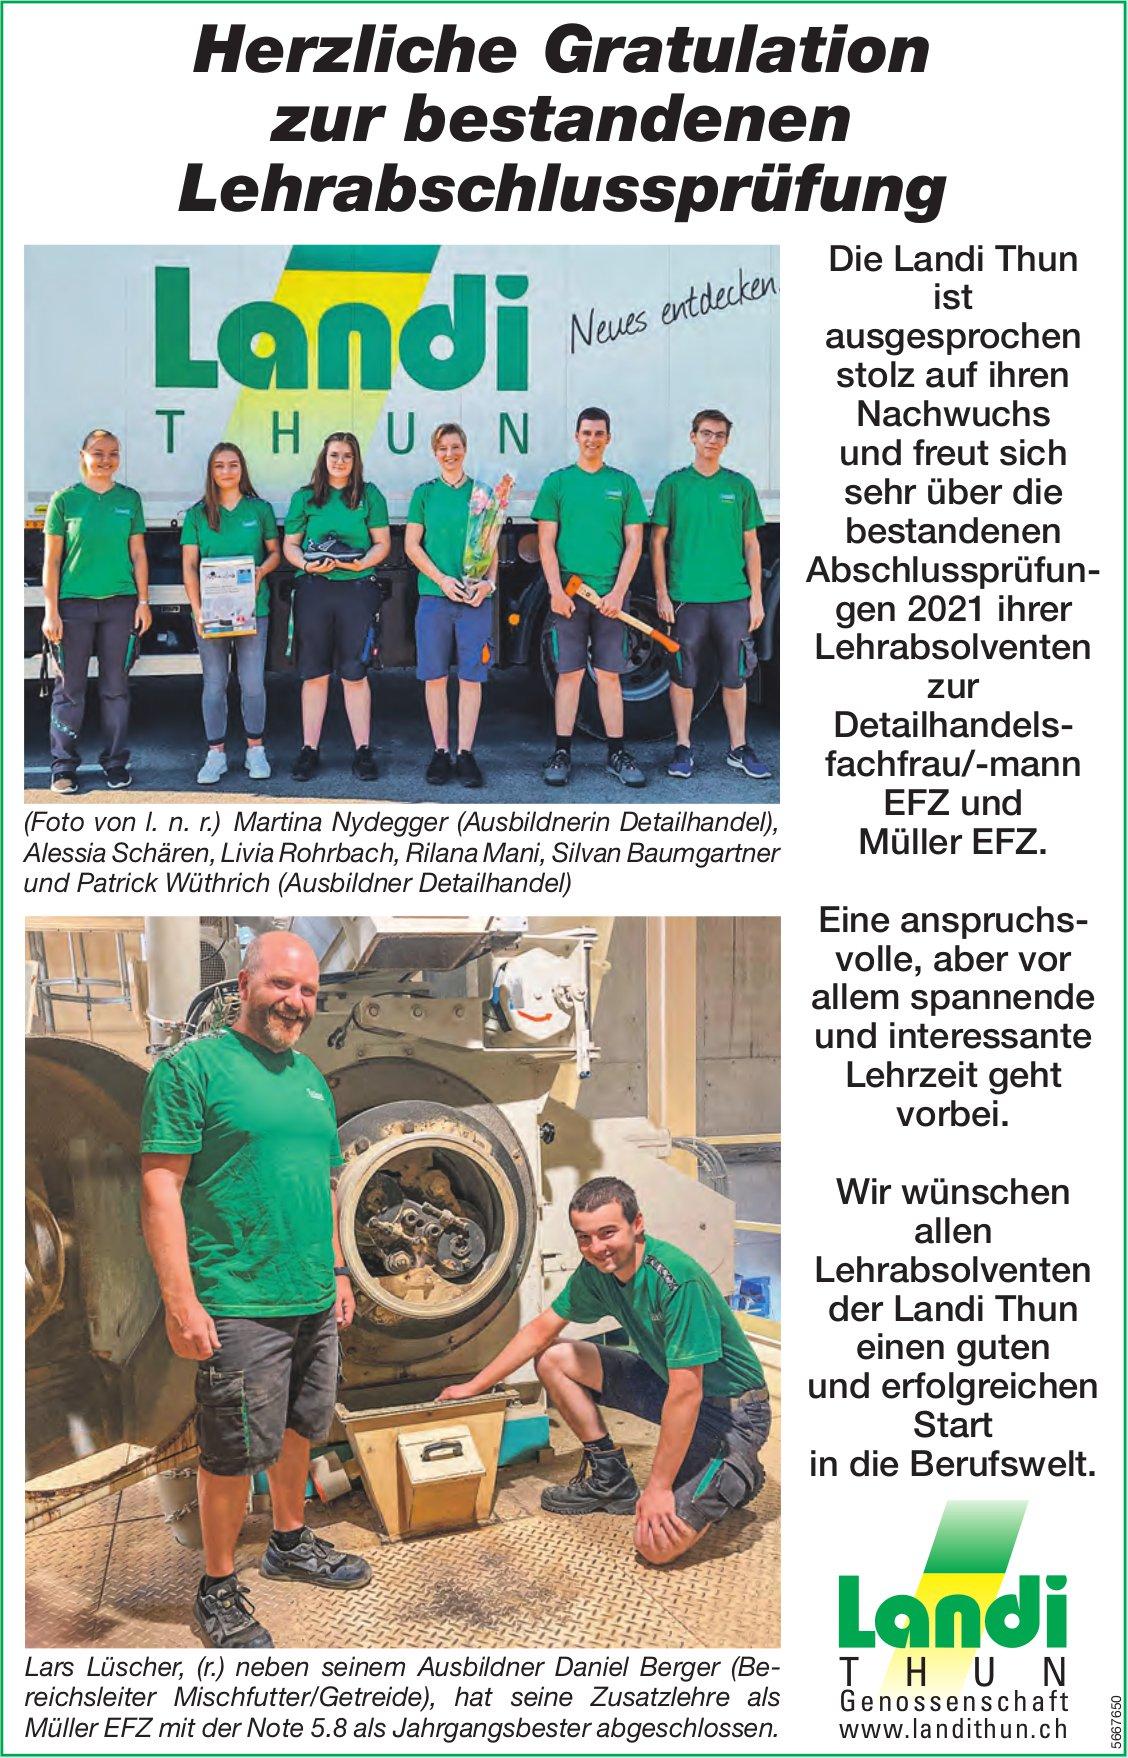 Landi Thun Genossenschaft - Herzliche Gratulation zur bestandenen Lehrabschlussprüfung